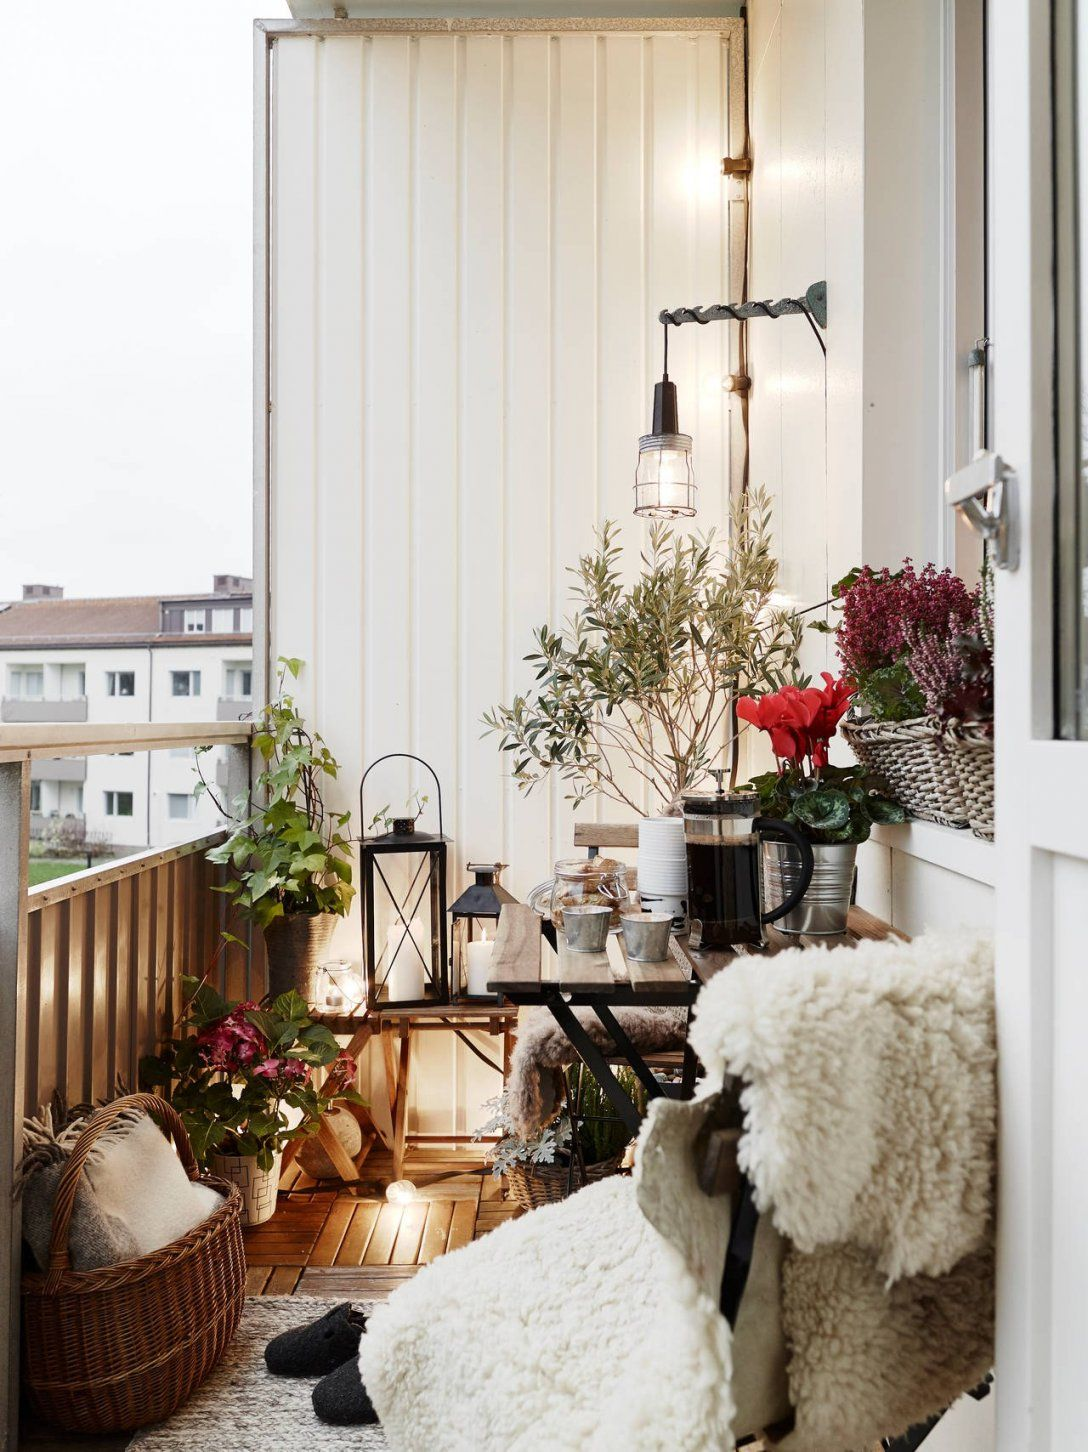 Kleinen Balkon Gestalten Einzigartig Gemütlicher Balkon Mit Fell Und von Kleinen Balkon Gemütlich Gestalten Bild